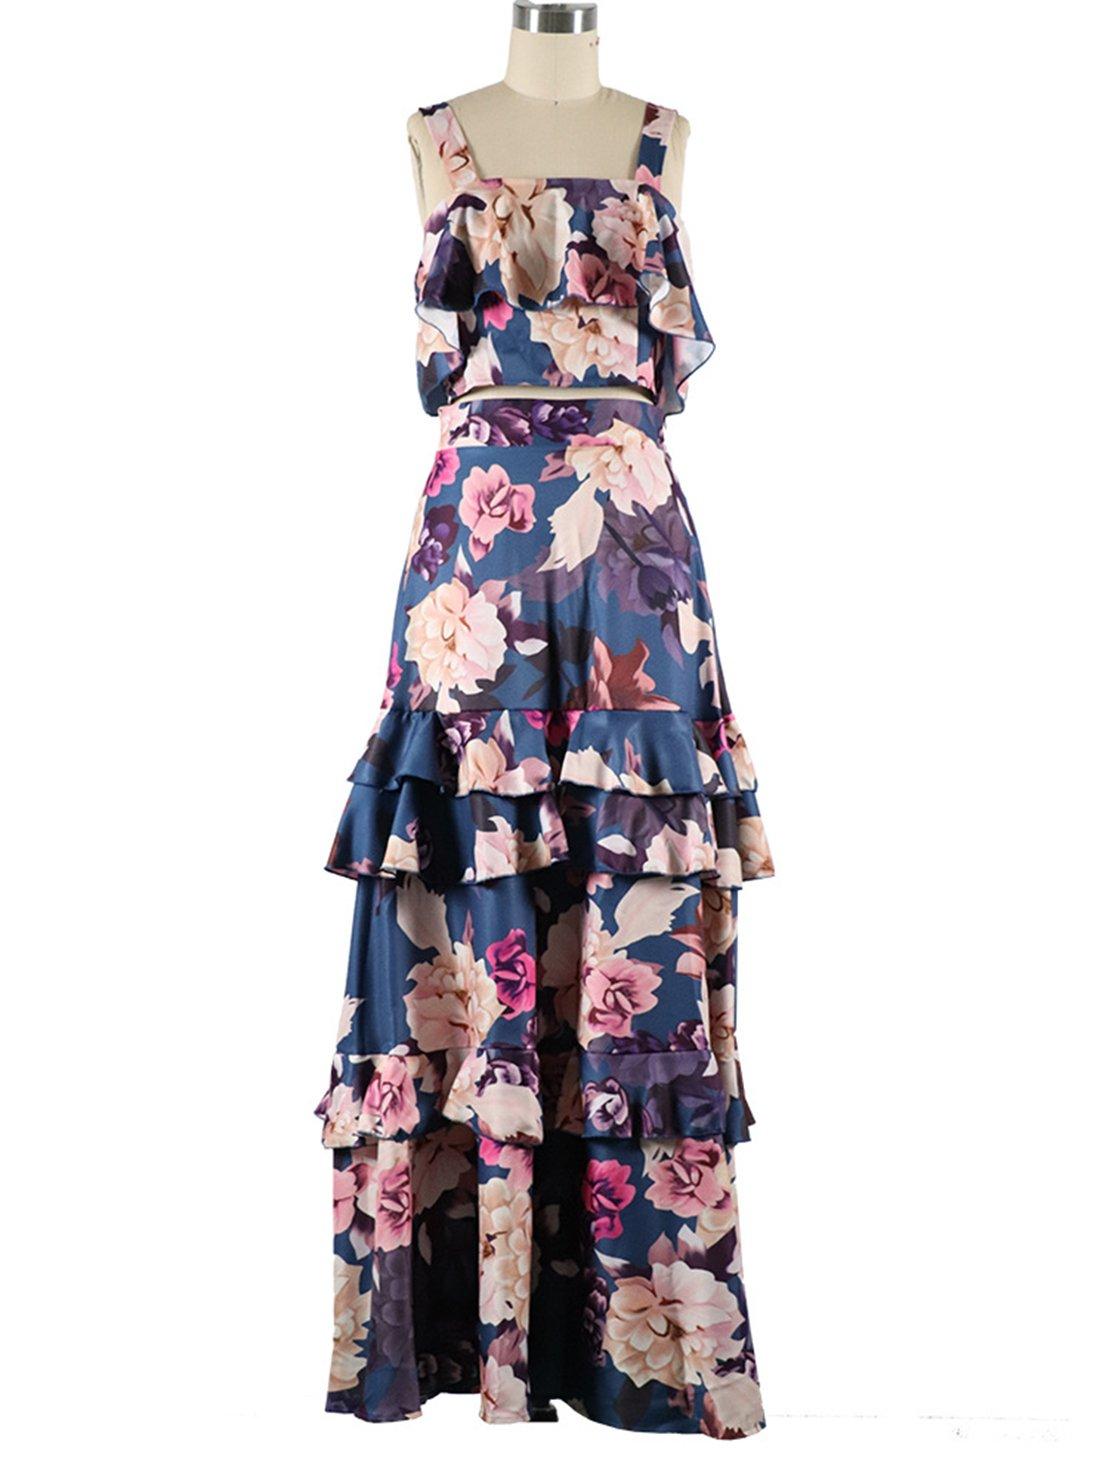 Wholesale Crop Top Floral Dress